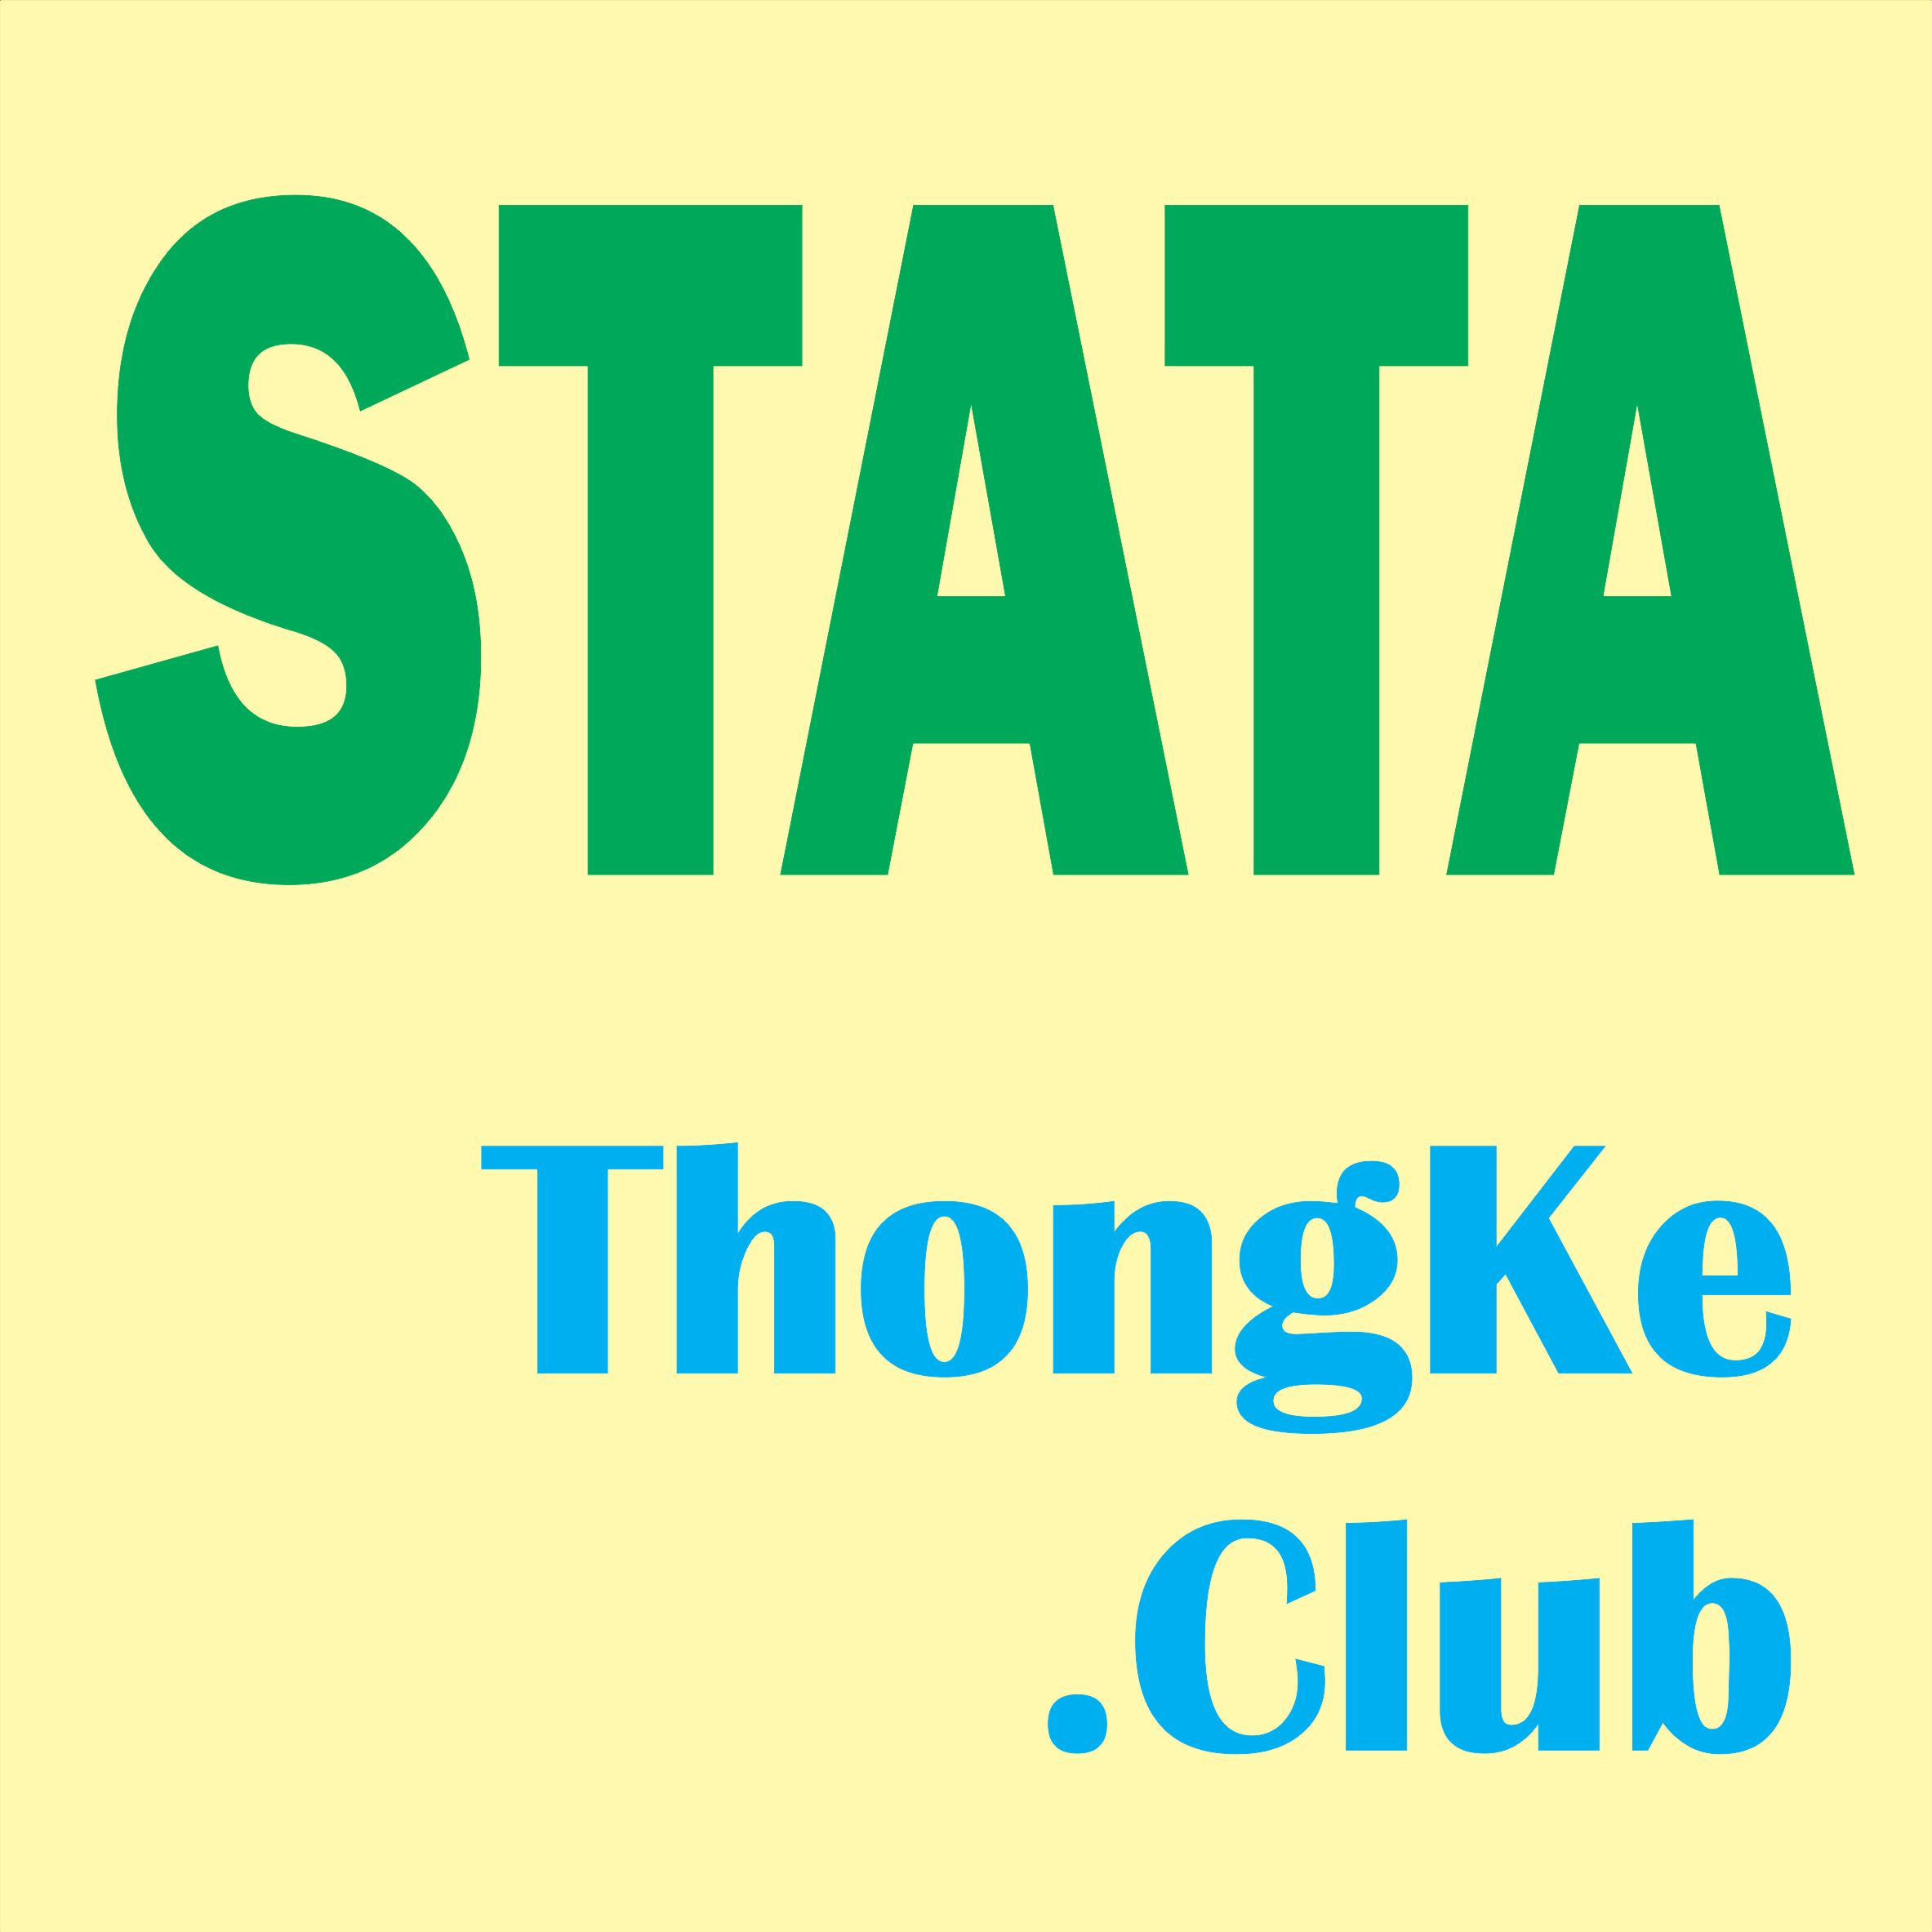 thongke4 - Phương pháp viết đề cương, luận văn khoa học